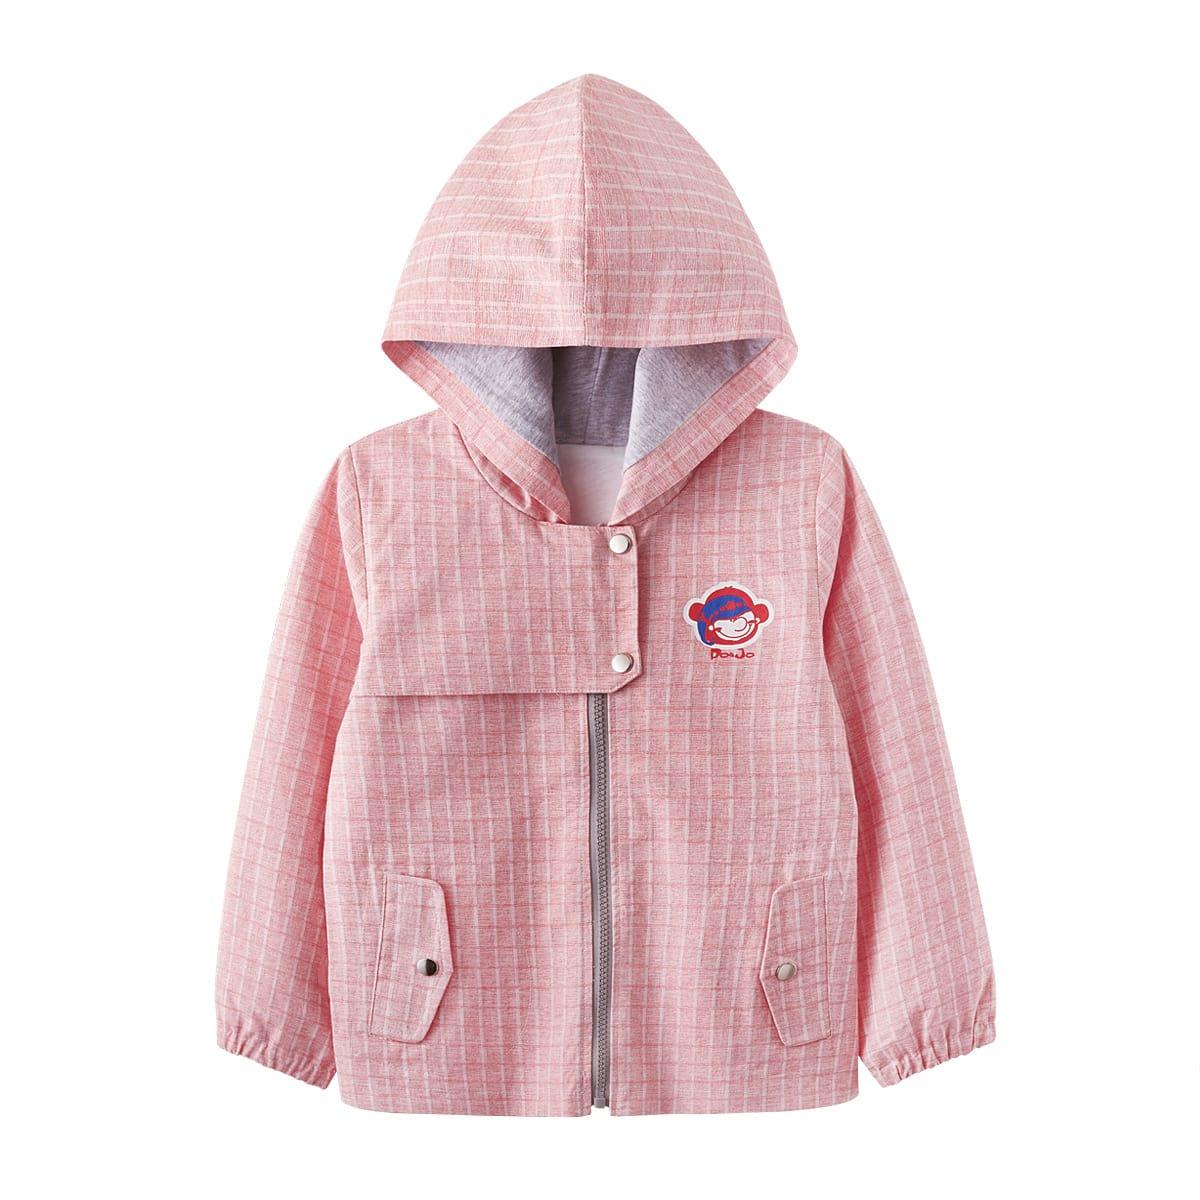 Пальто в клетку с капюшоном и мультипликационным узором для девочек